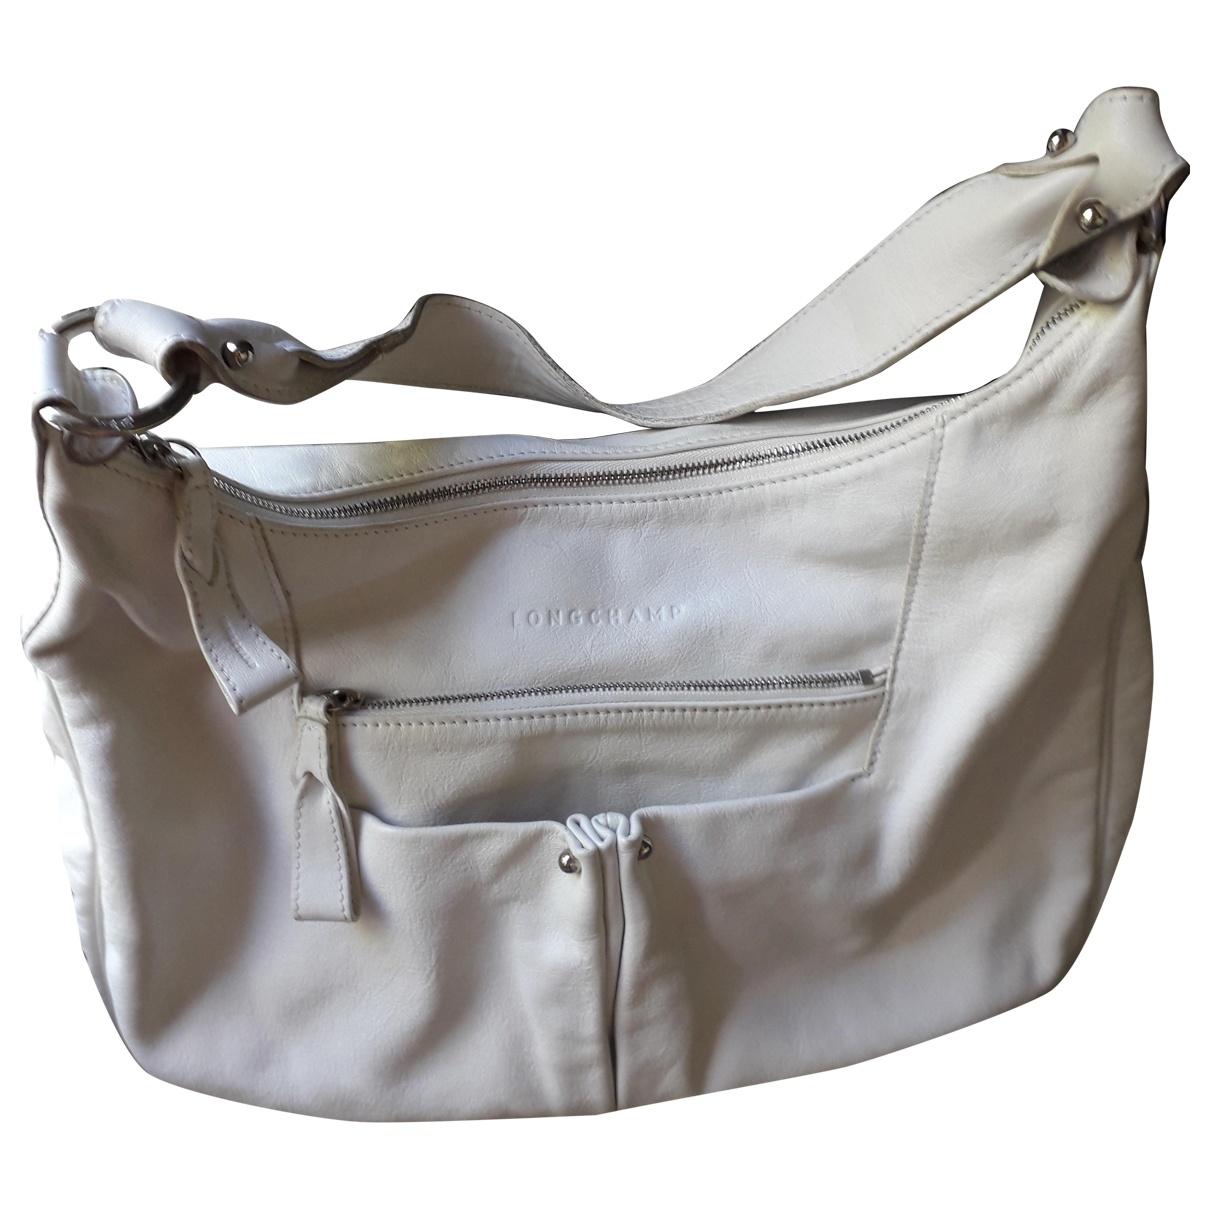 Longchamp - Sac a main   pour femme en cuir - blanc